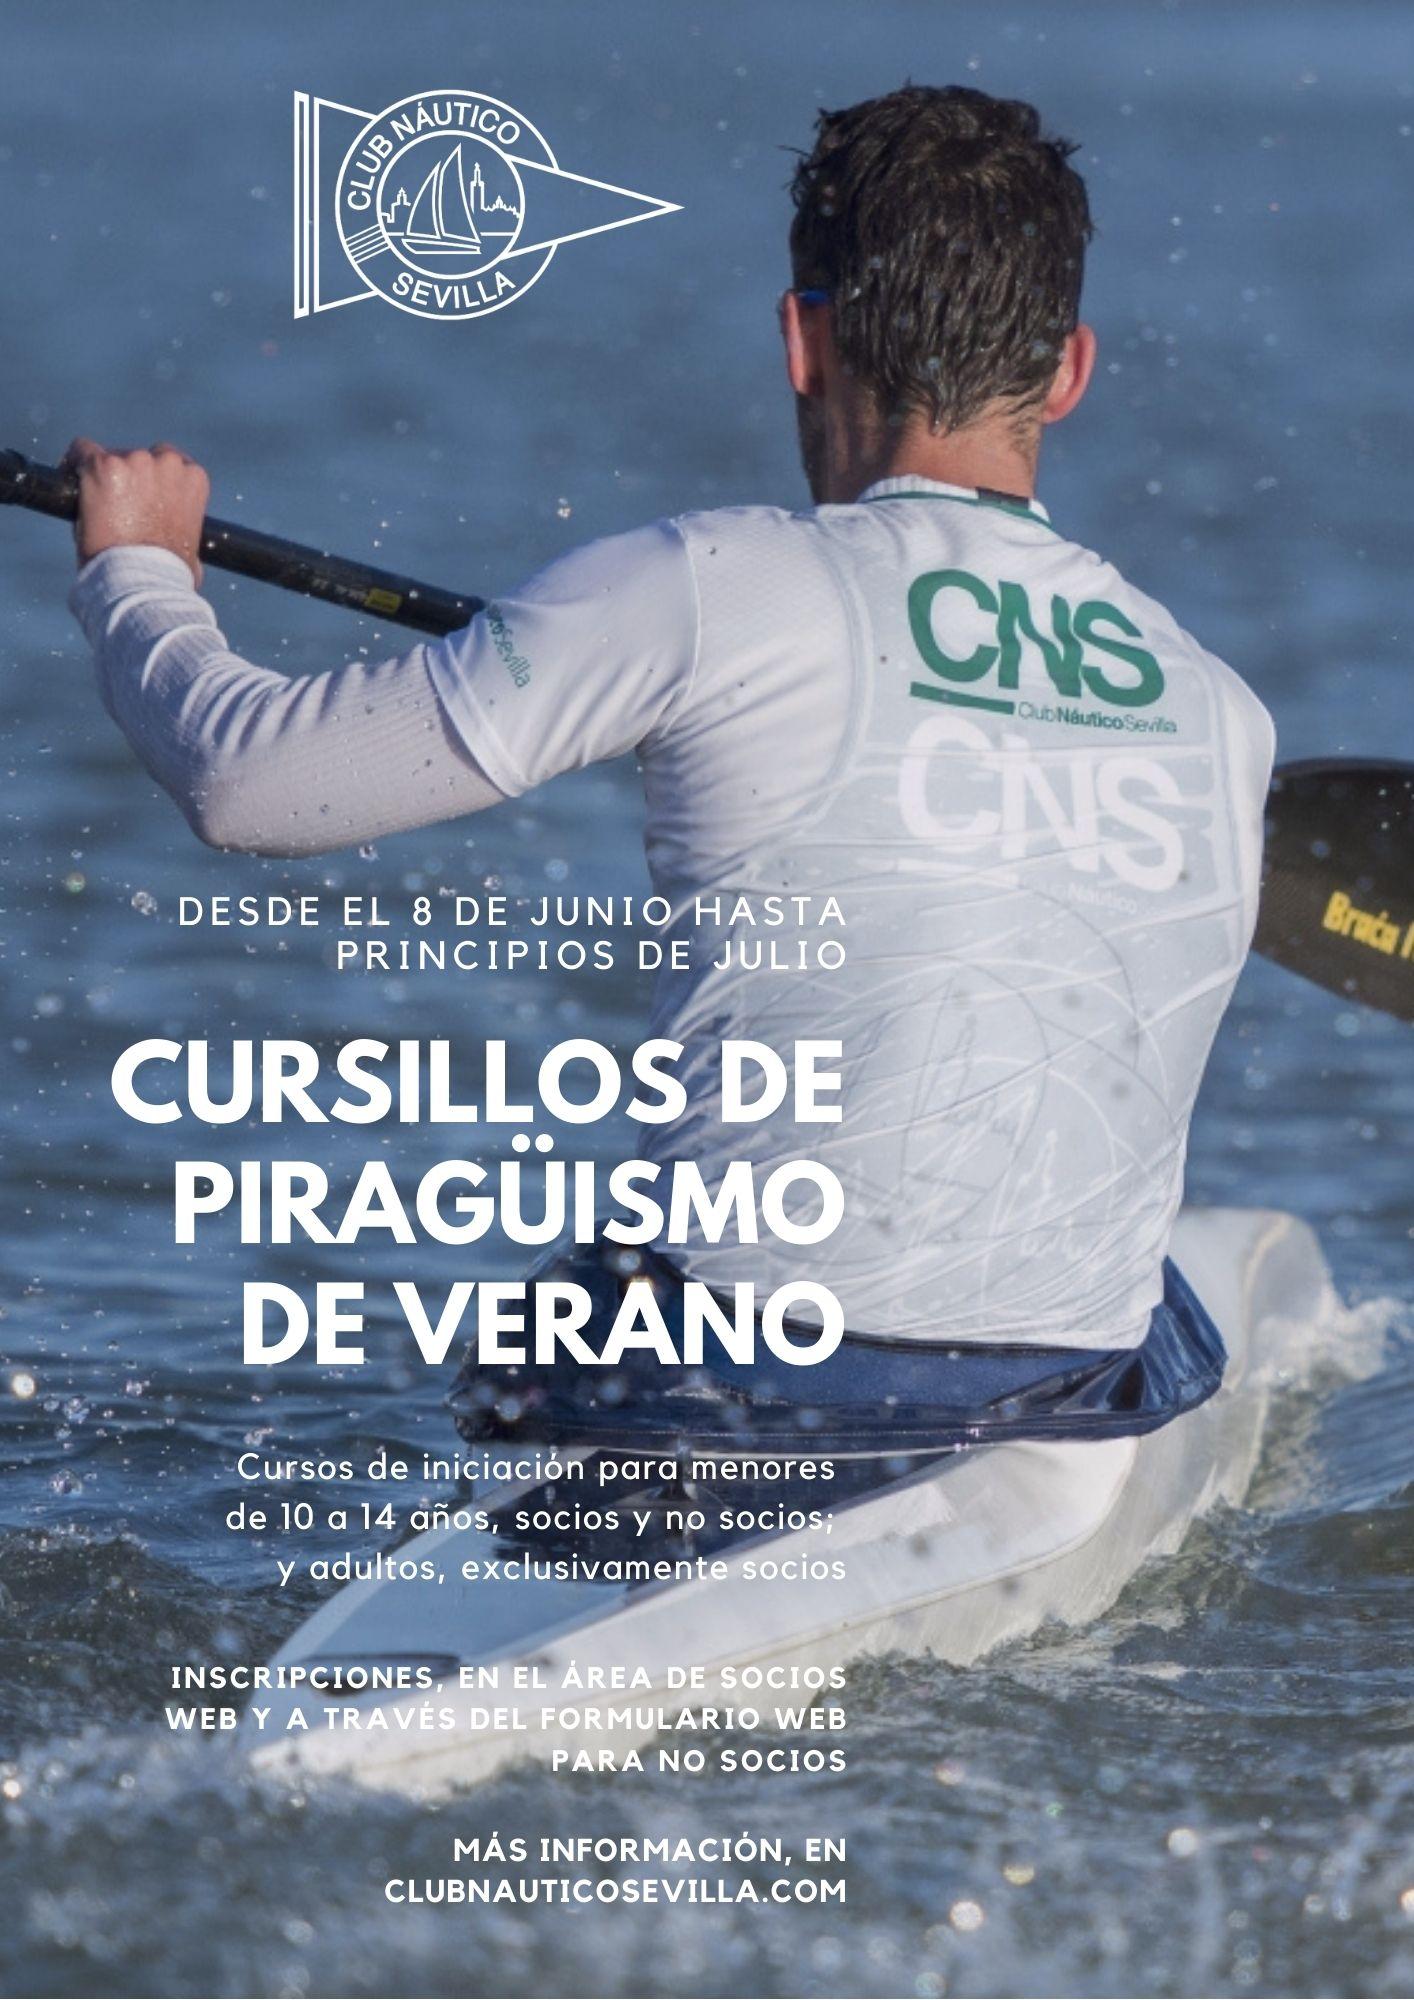 CURSILLOS DE VERANO DE PIRAGÜISMO.jpg